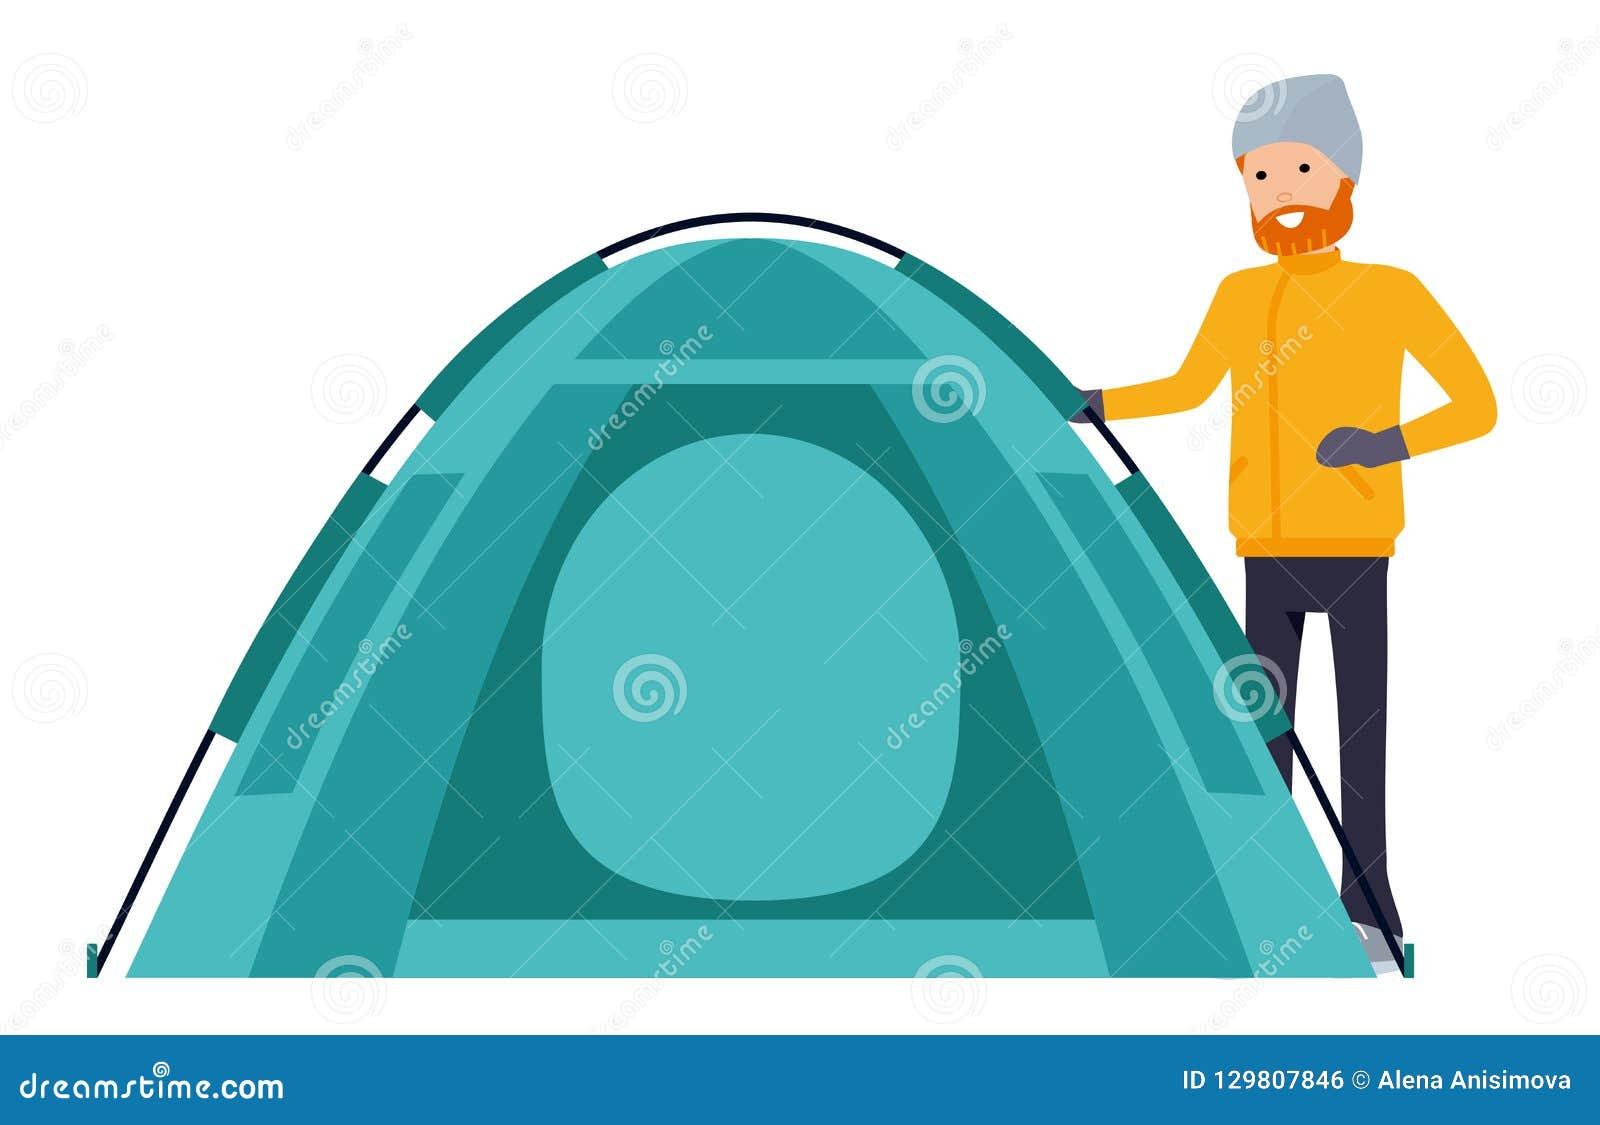 Шатер в базовом лагере иллюстрация в стиле мультфильма плоском изолированная на белой предпосылке